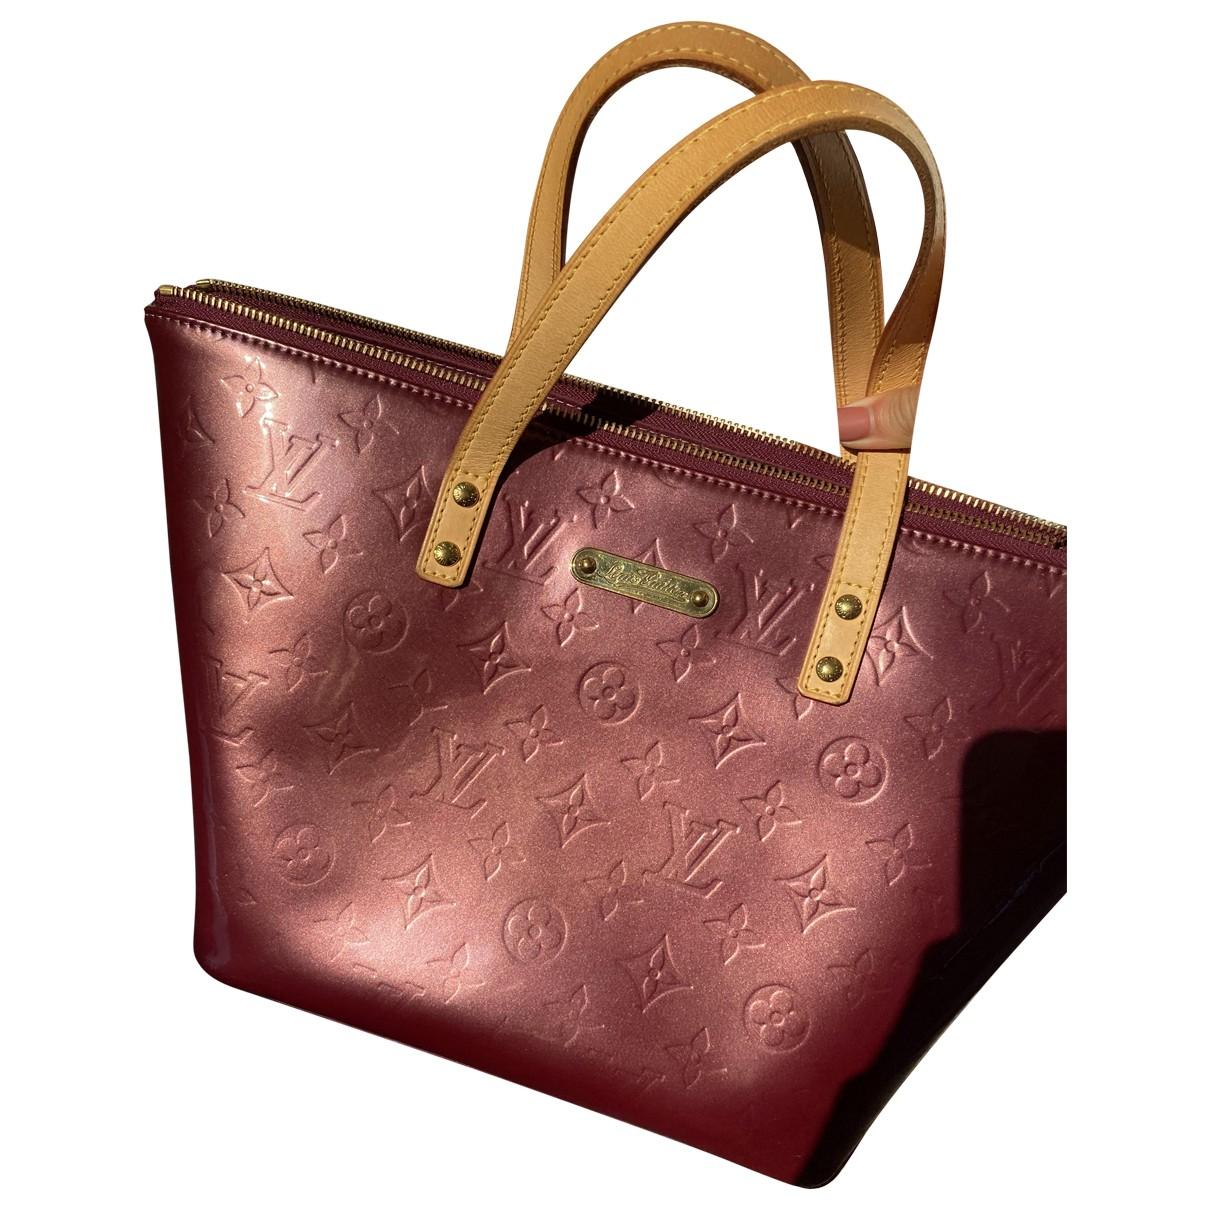 Louis Vuitton - Sac a main Bellevue pour femme en cuir verni - bordeaux